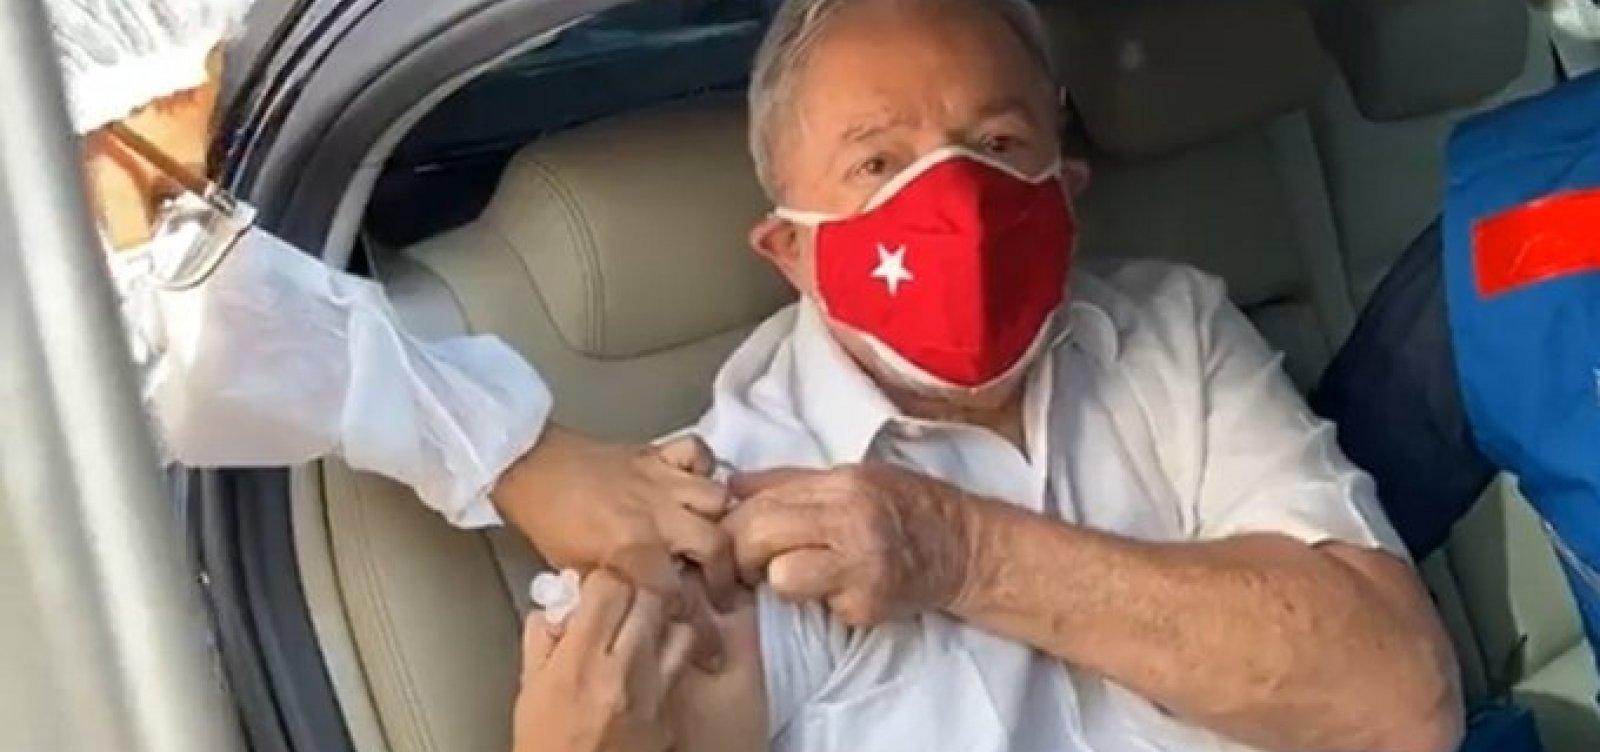 [Ex-presidente Lula recebe segunda dose da vacina contra a Covid-19]